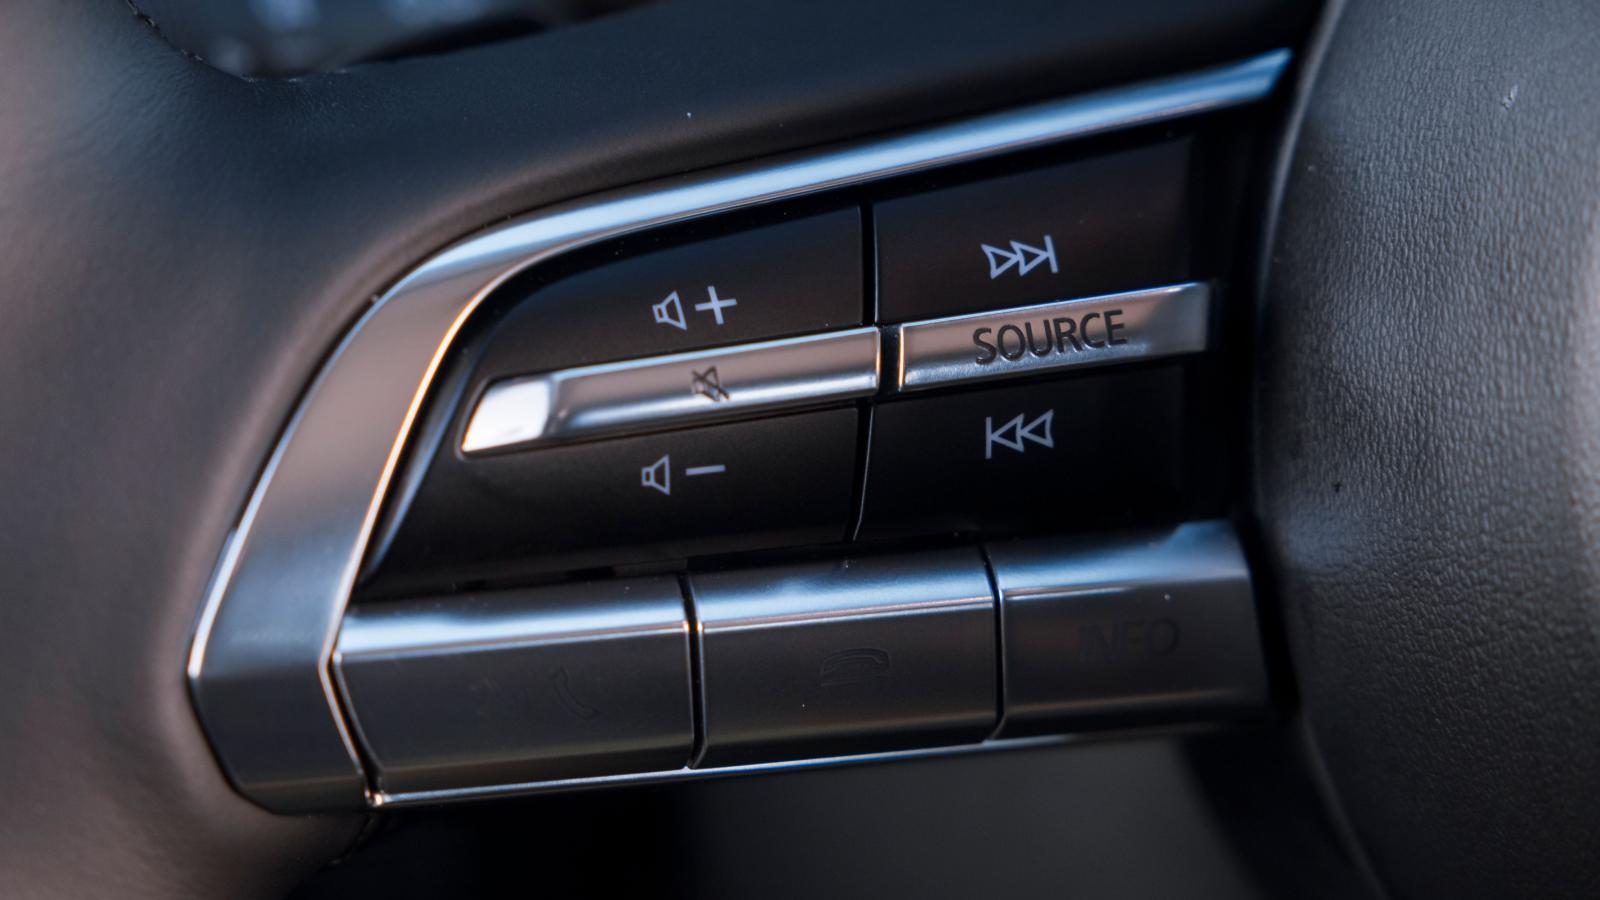 Eleganta rattknappar i Mazda men i dagsljus syns symbolerna i undre raden inte alls.